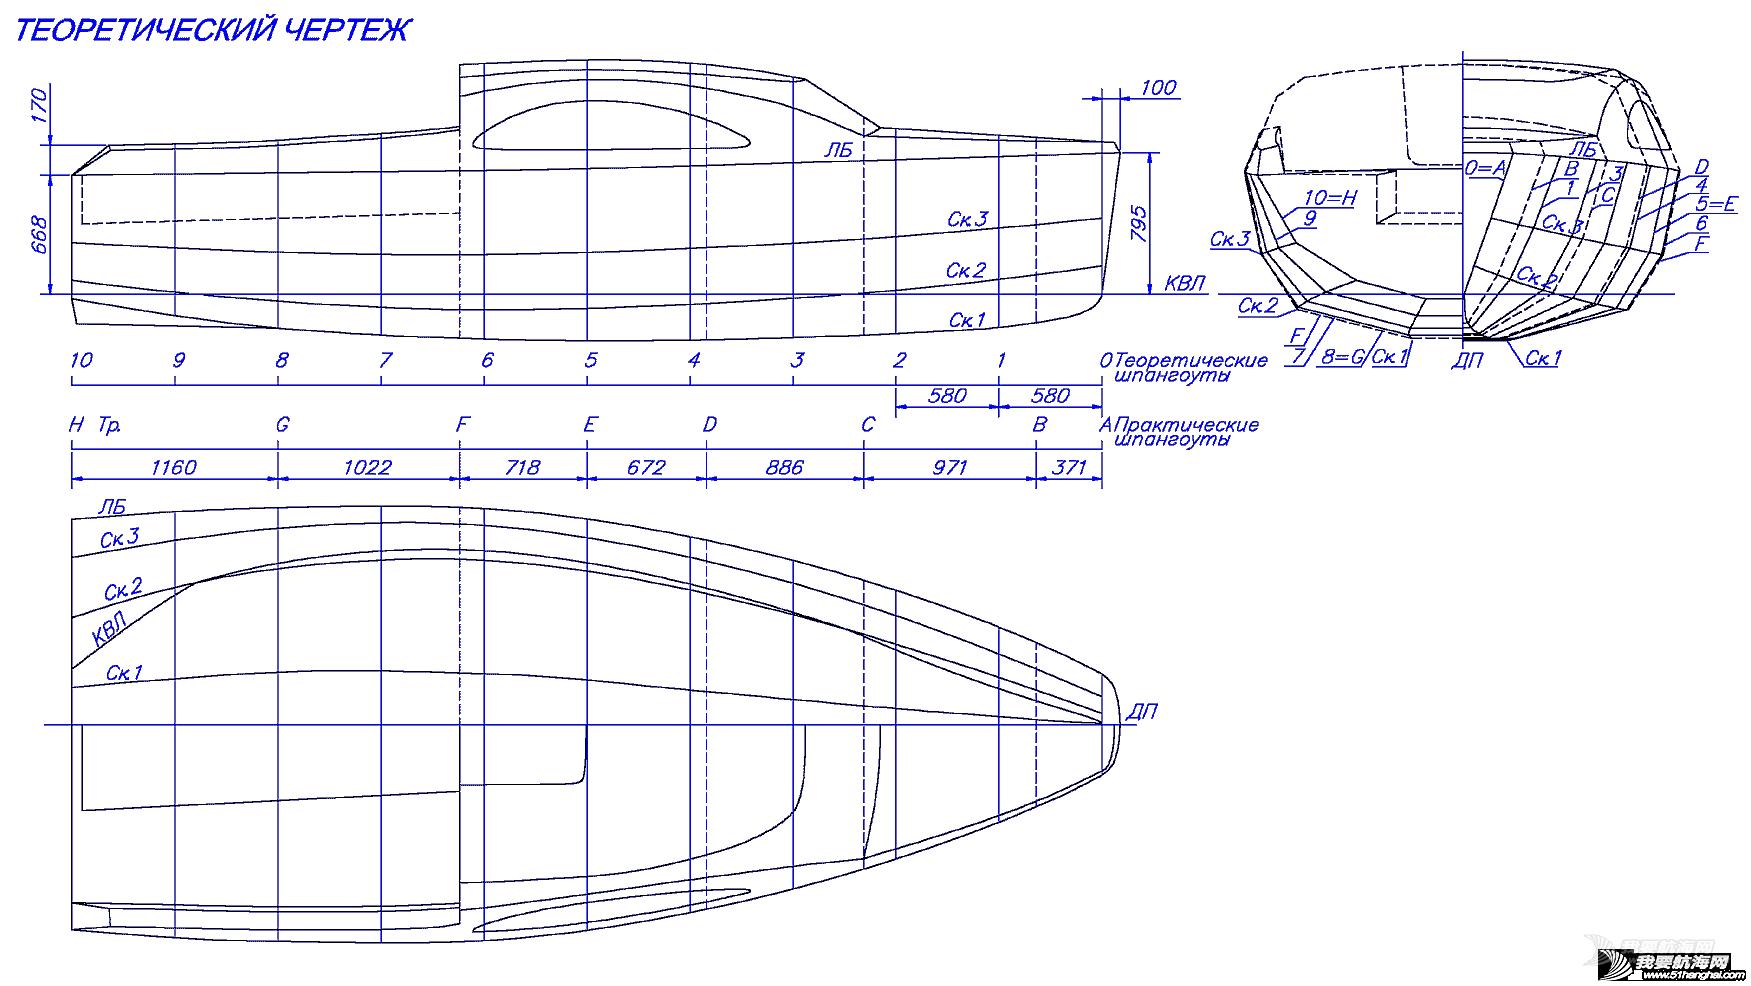 设计图,帆船,网上 分享网上搜索到的一套8米长的免费帆船设计图含CAD文件